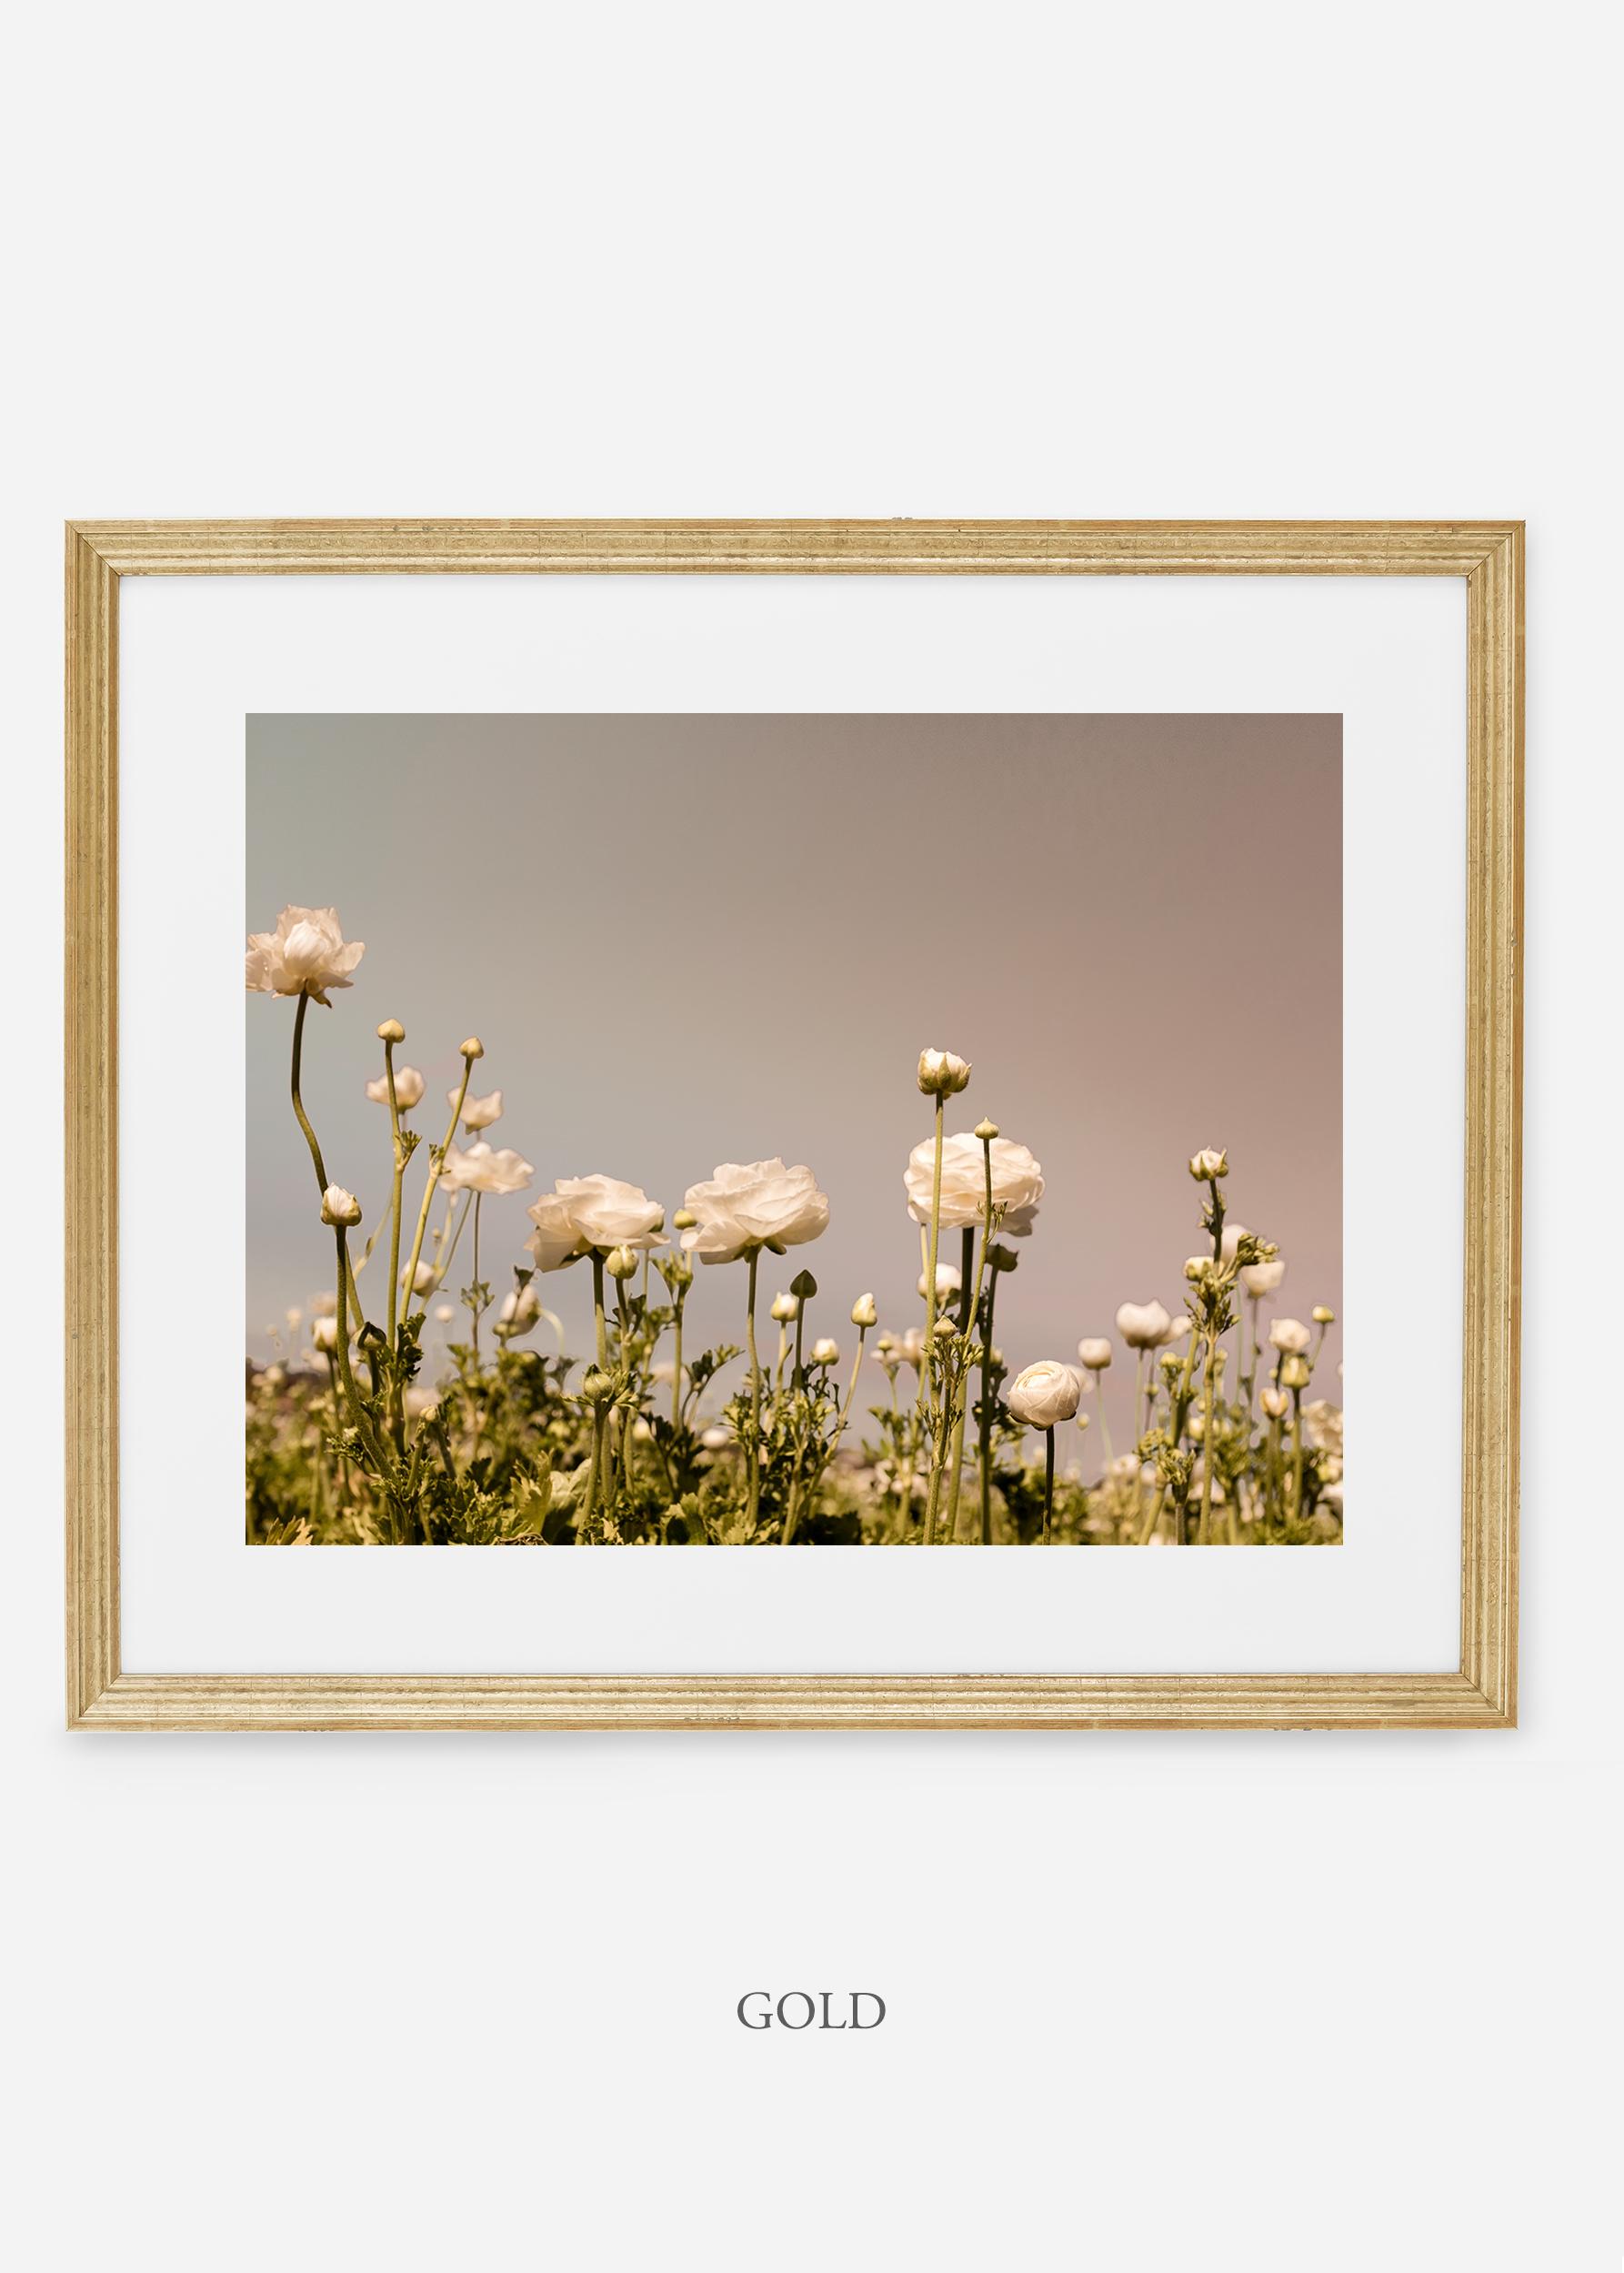 wilder-california-goldl-frame-flora-6-minimal-botanical-print-art-interior-design.jpg